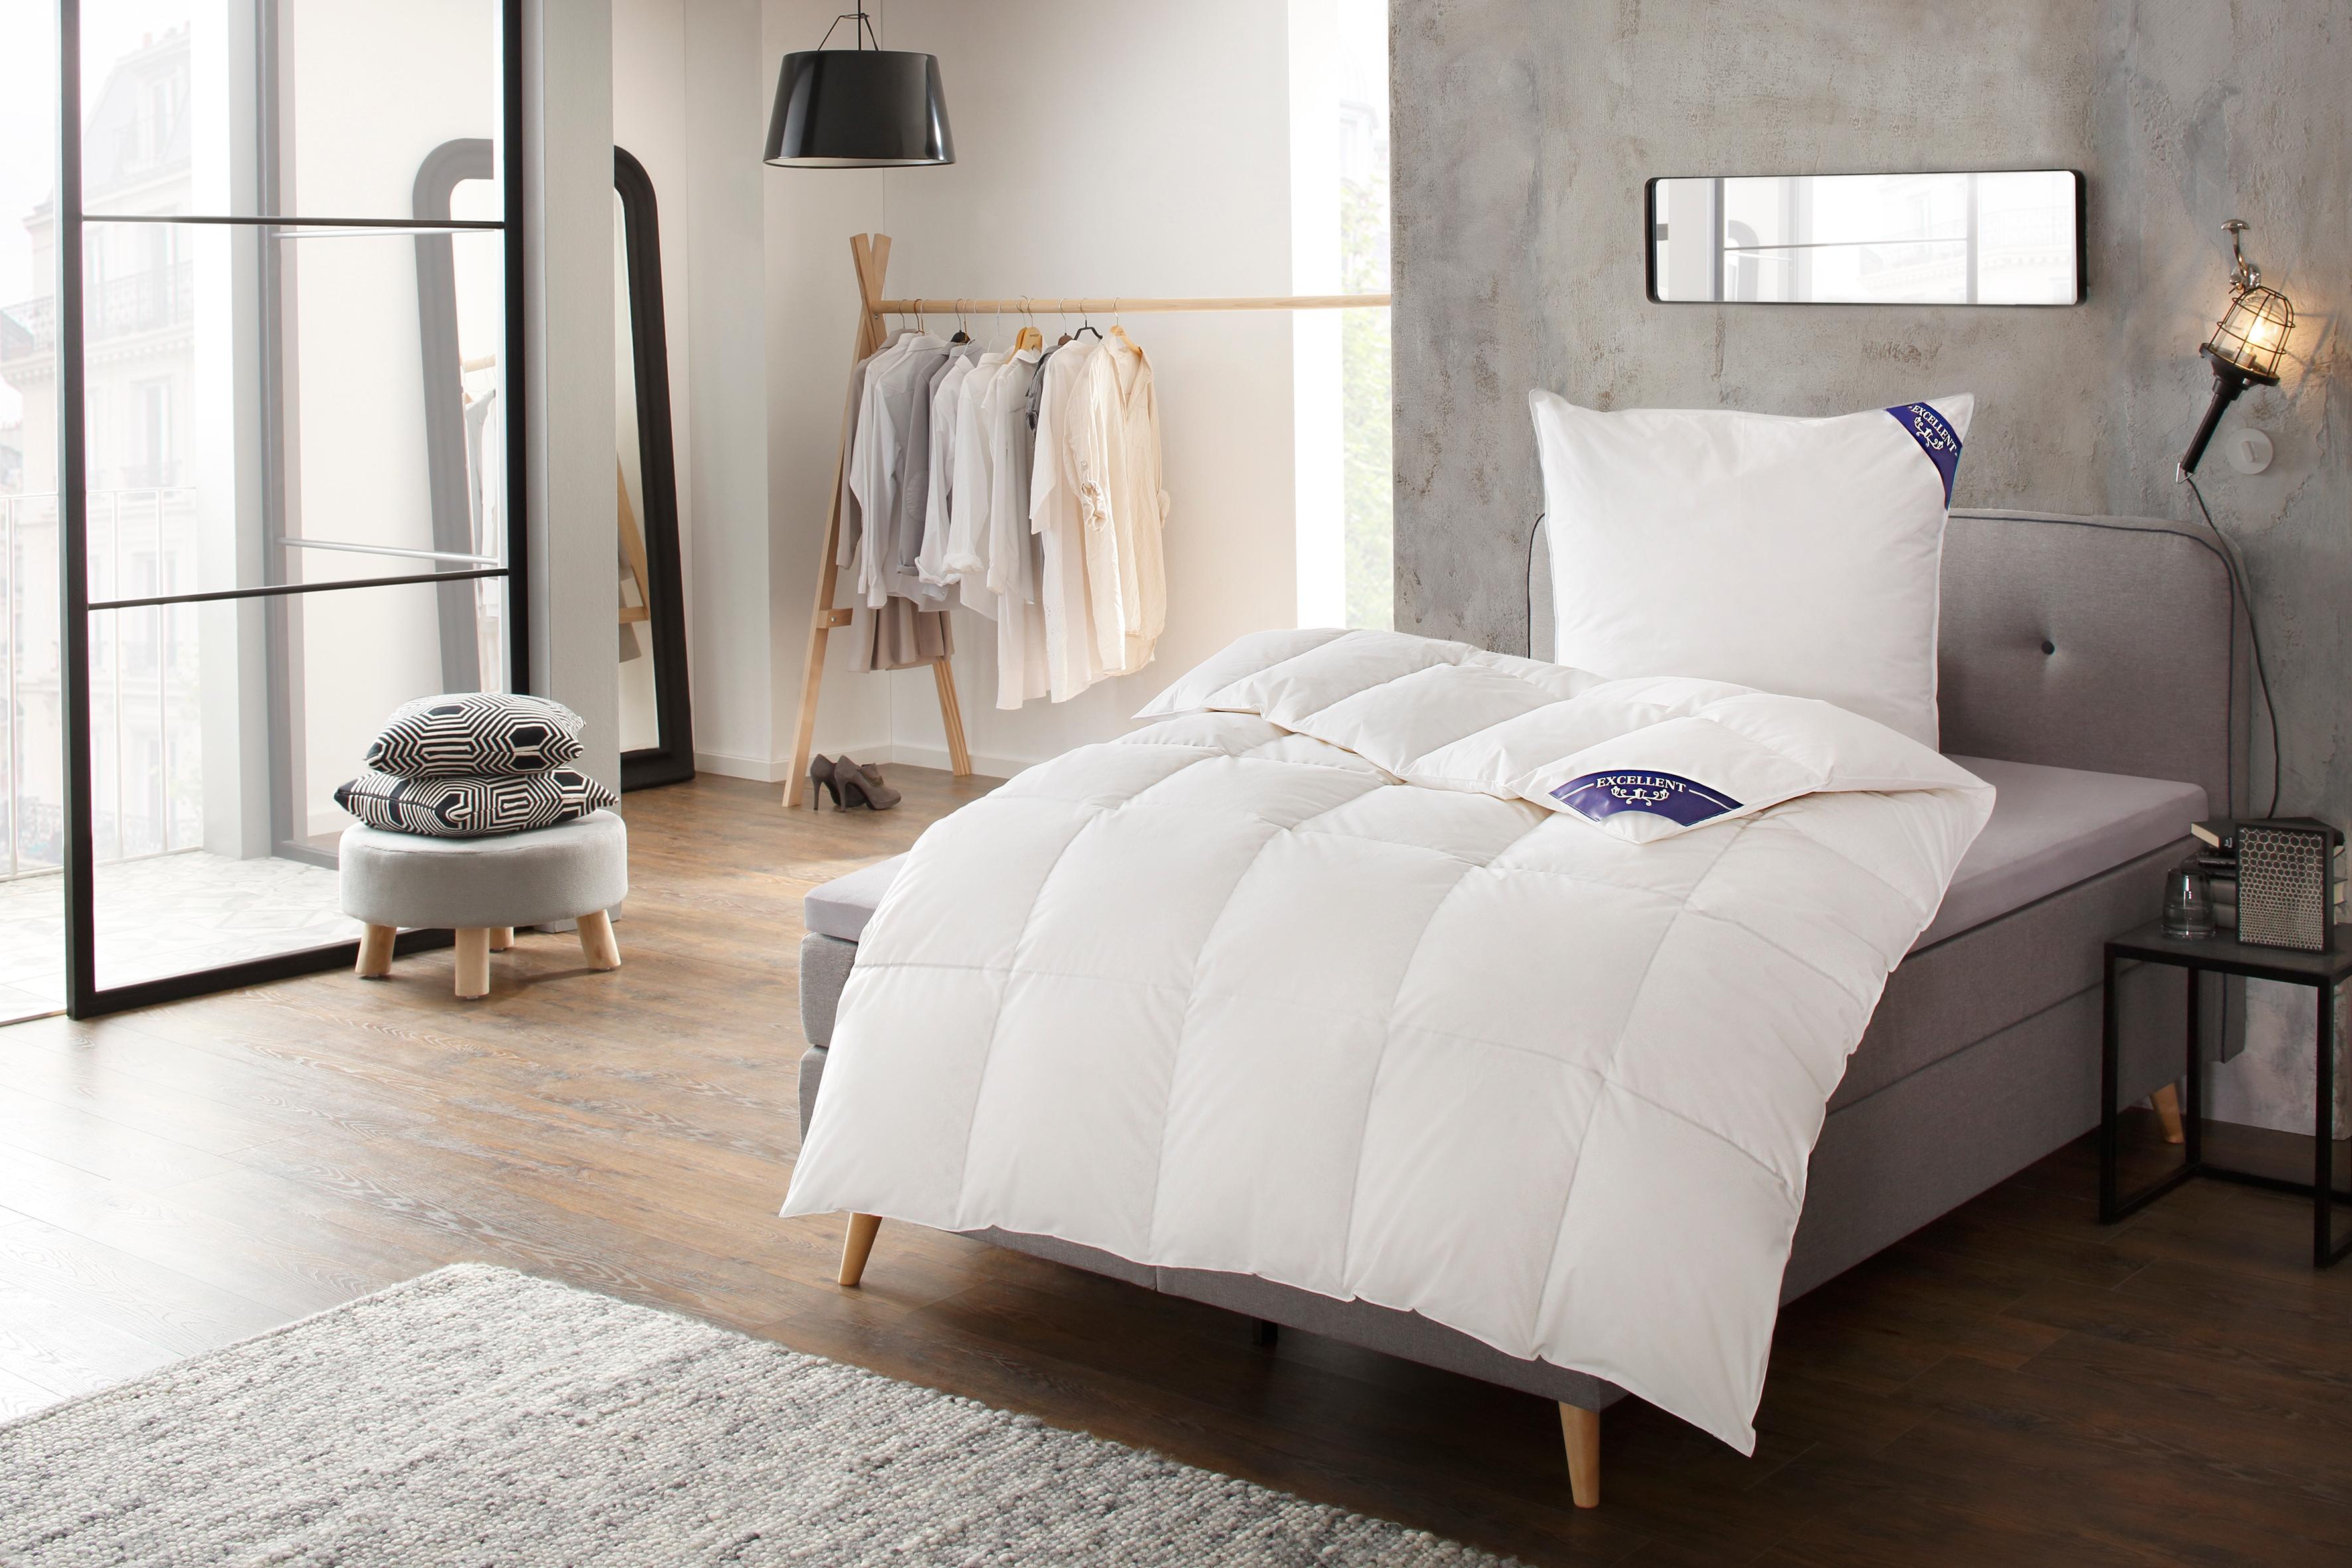 Daunenbettdecke Komfort Excellent normal Füllung: 60% Daunen 40% Federn Bezug: 100% Baumwolle